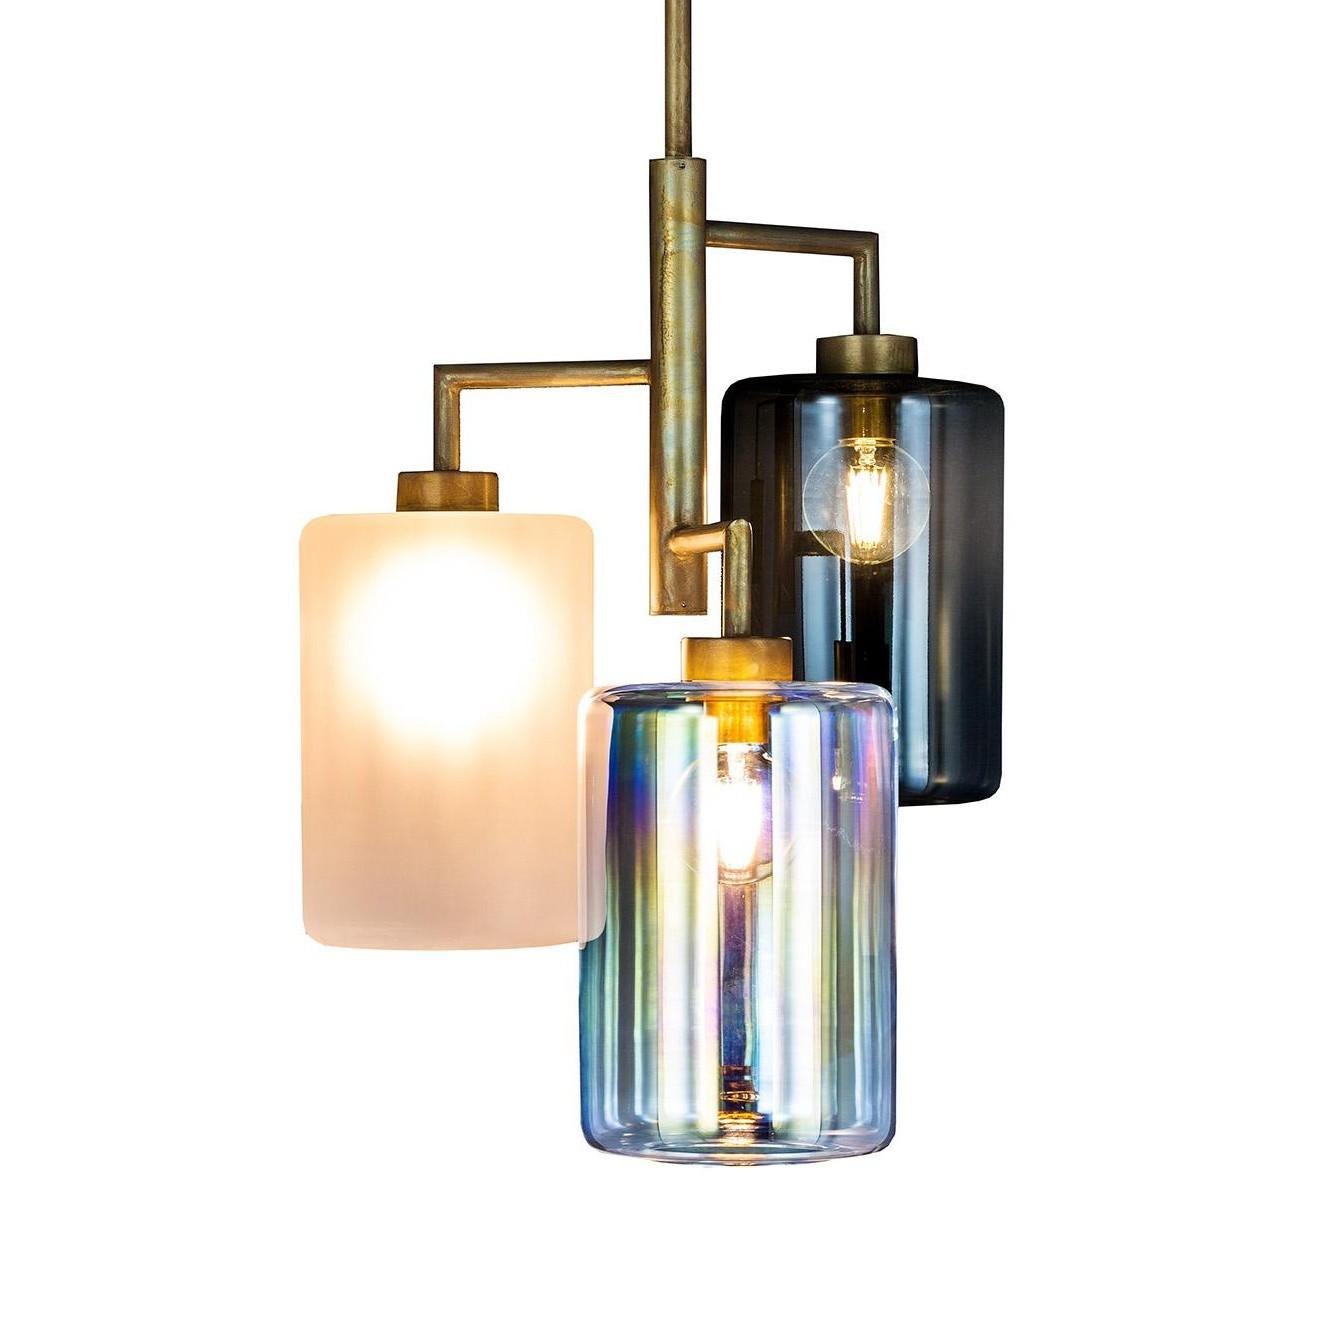 Obegi Home Lighting Brand Van Egmond Louise 3